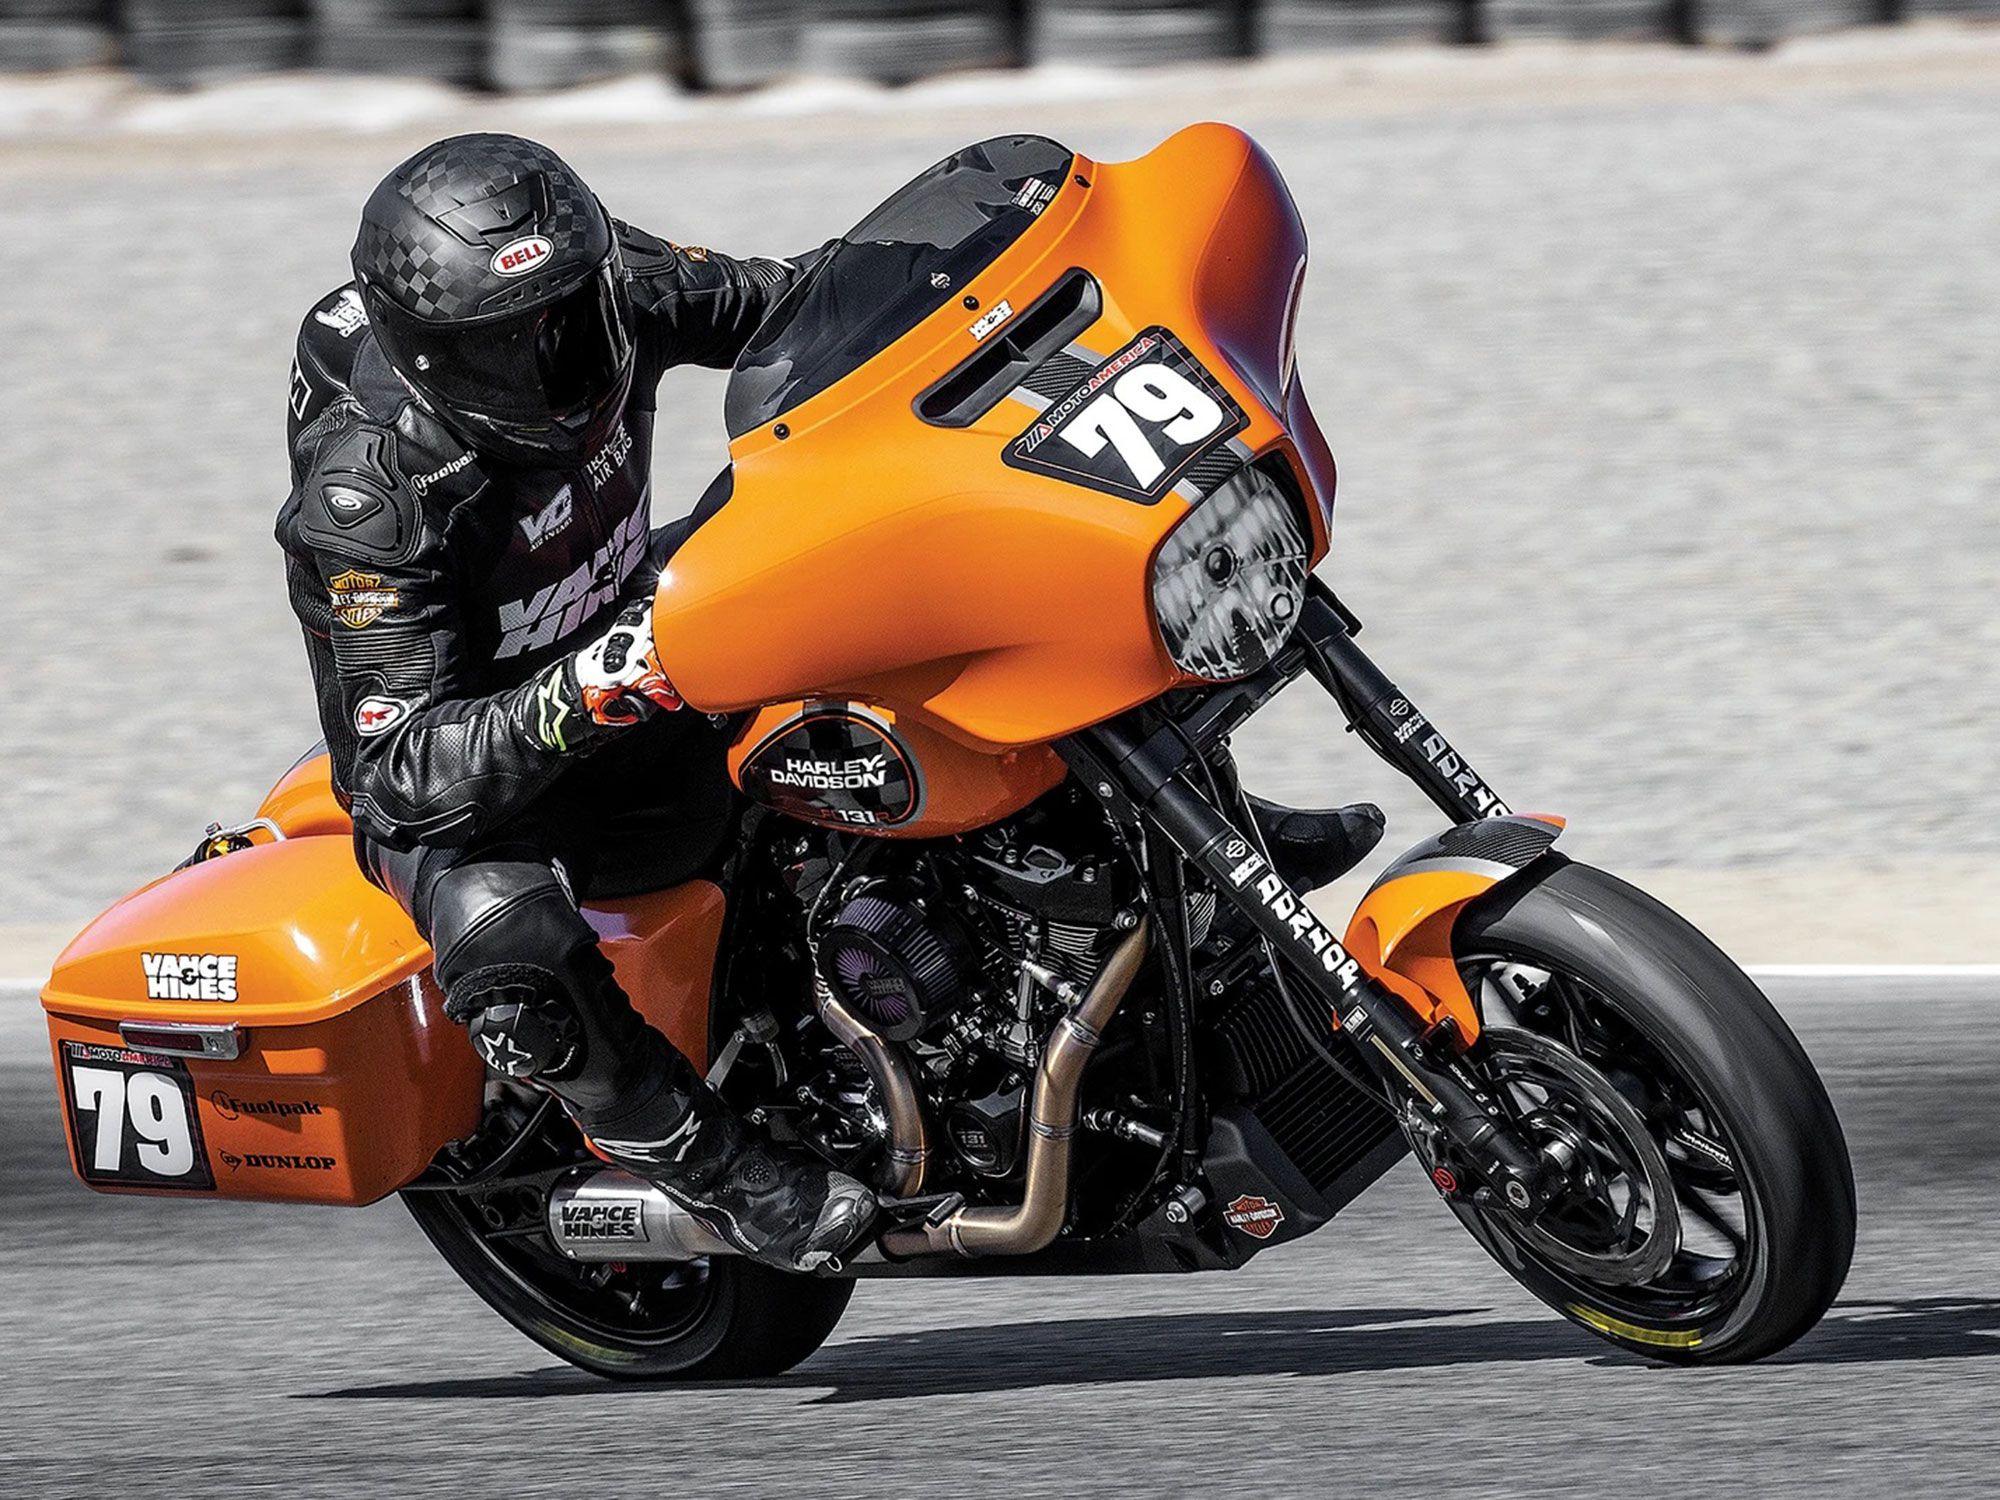 De tweede plaats van vorig jaar, Hayden Gillim zal in 2021 opnieuw de man achter de besturing van de Glide zijn.